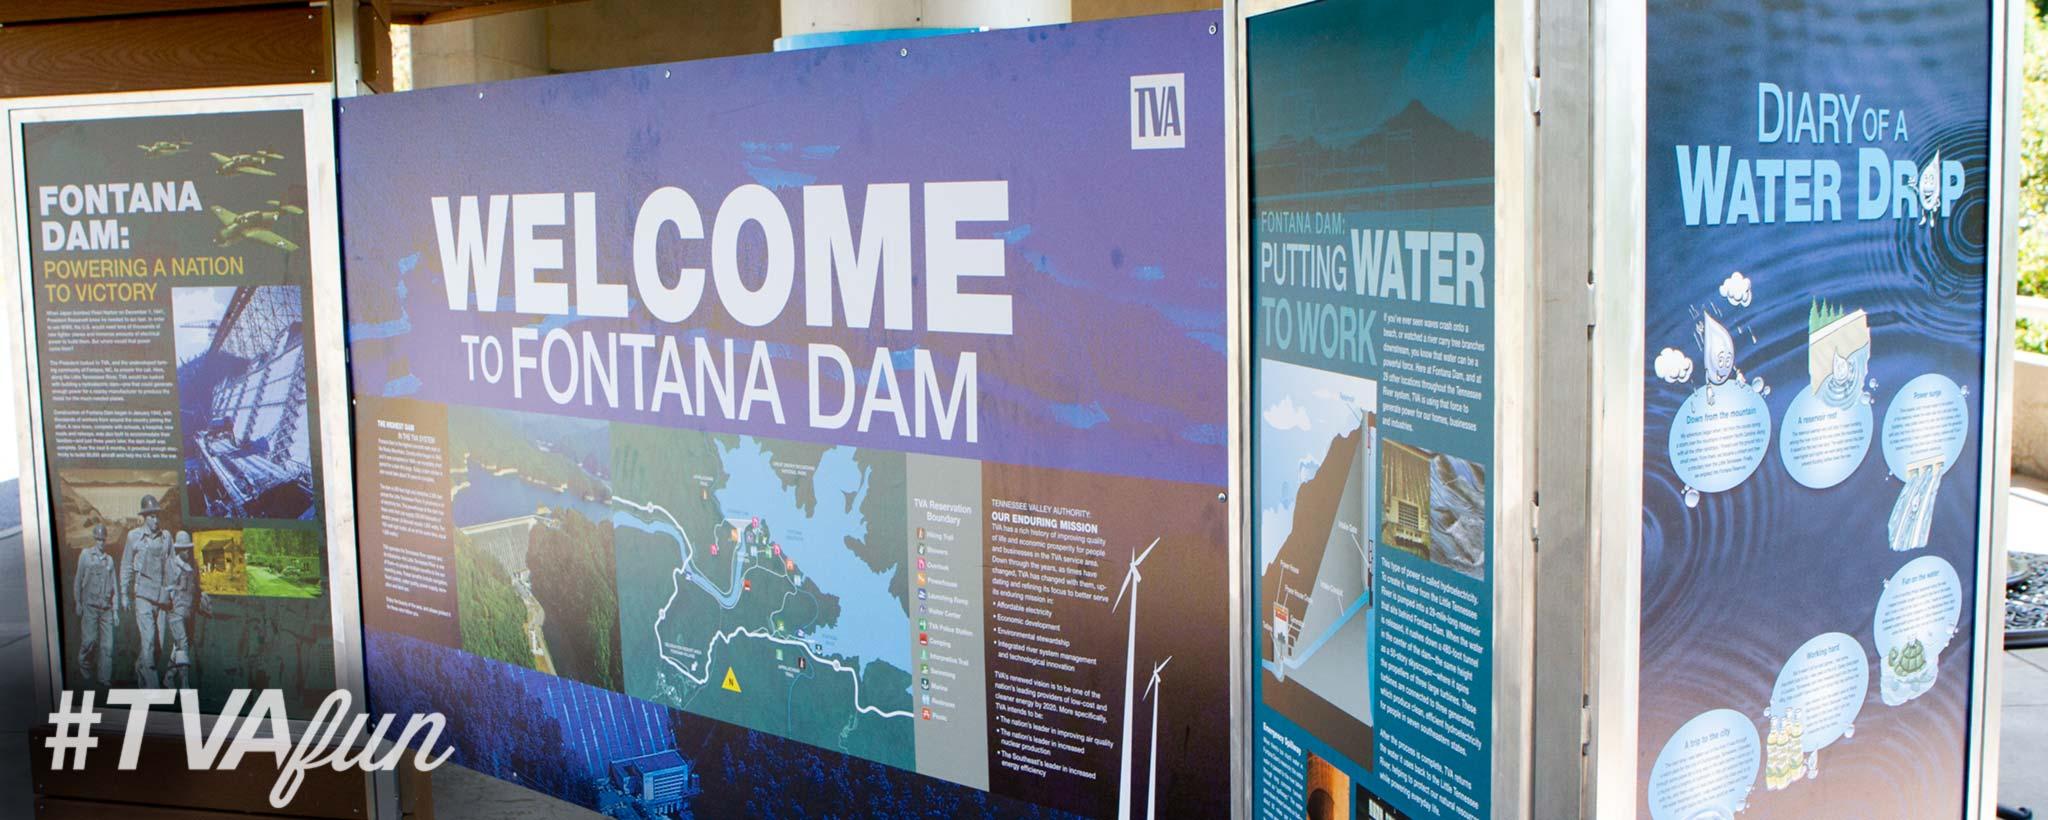 Fontana Visitor Center